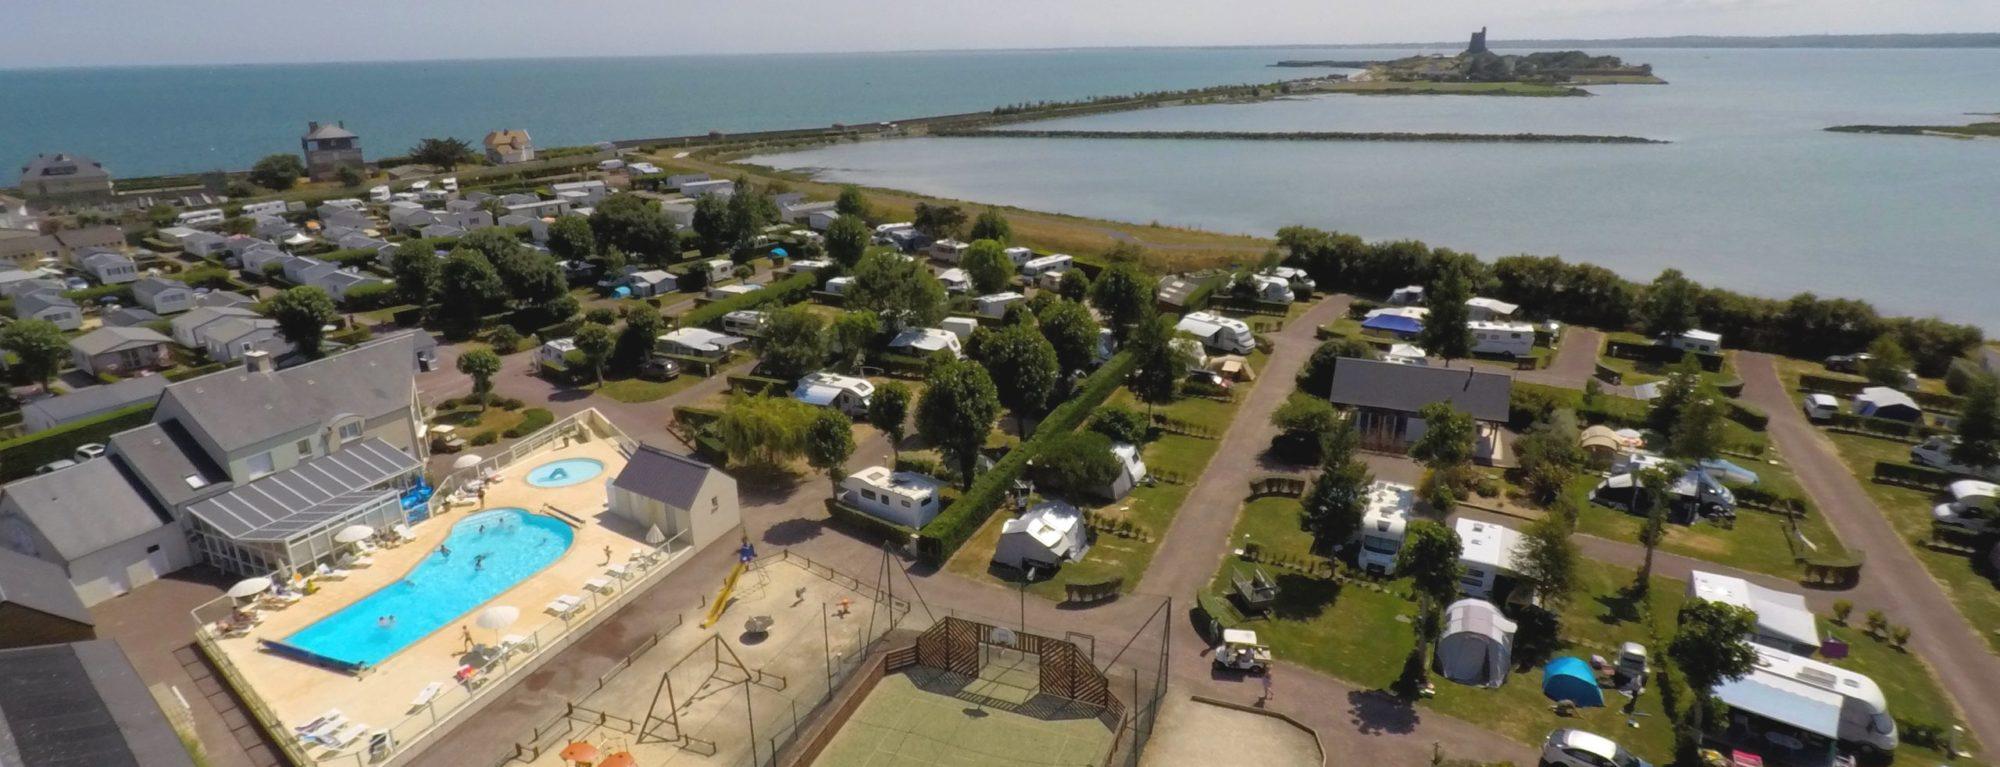 Pour vos prochaines vacances, réservez vos séjours en camping en Normandie